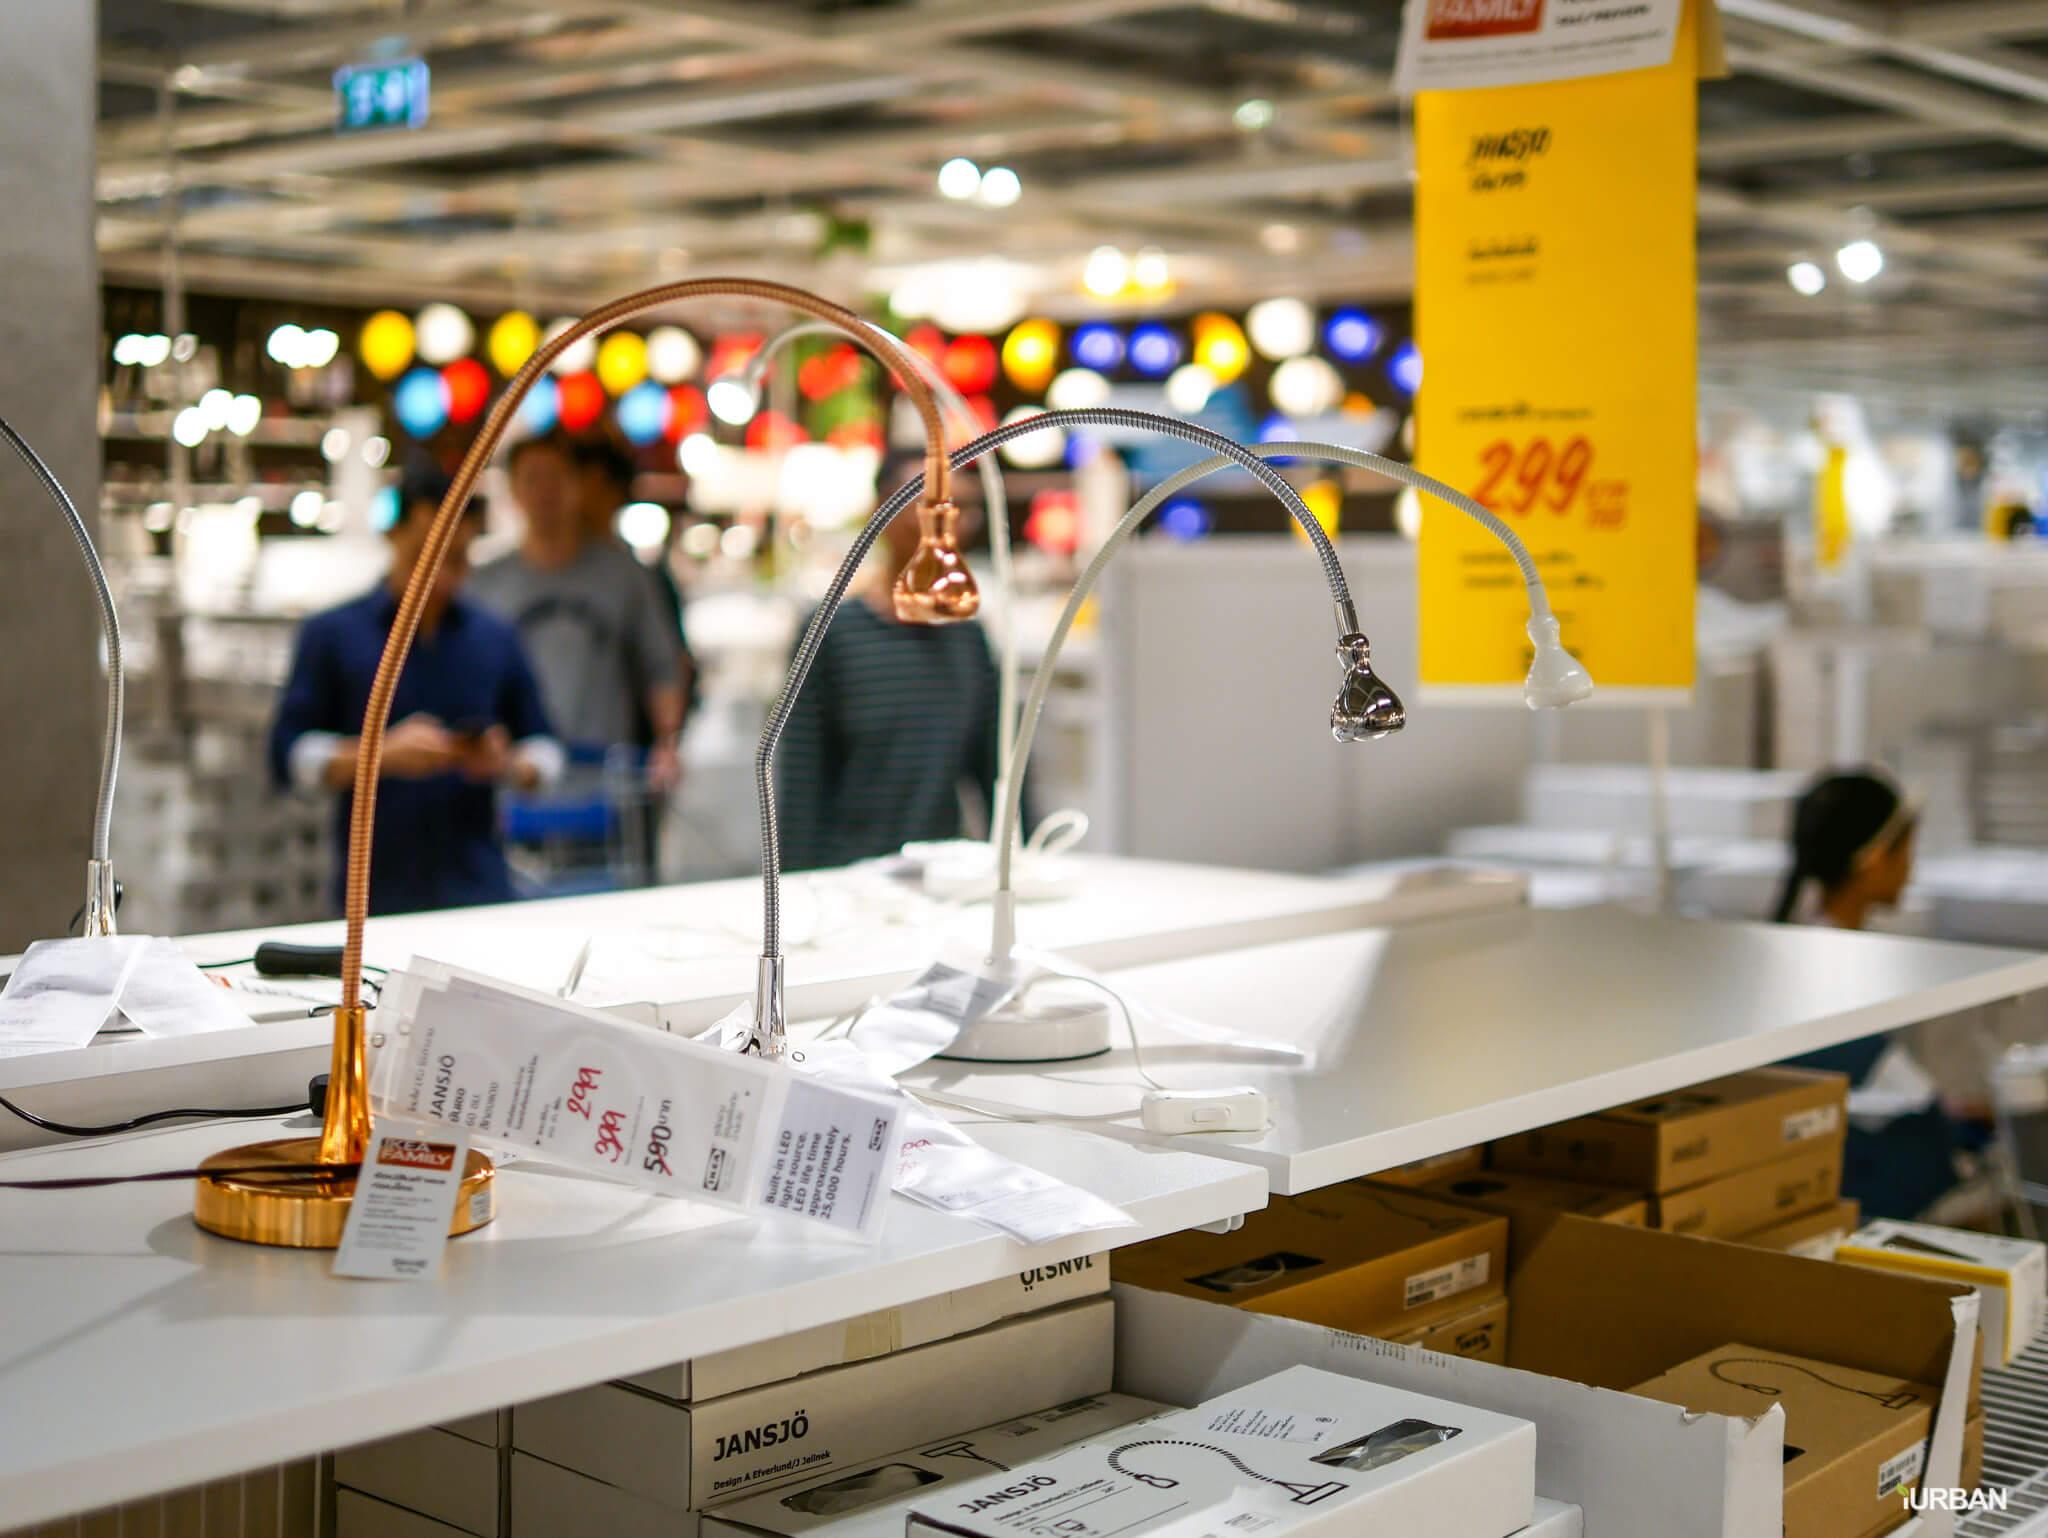 มันเยอะมากกกก!! IKEA Year End SALE 2017 รวมของเซลในอิเกีย ลดเยอะ ลดแหลก รีบพุ่งตัวไป วันนี้ - 7 มกราคม 61 180 - IKEA (อิเกีย)